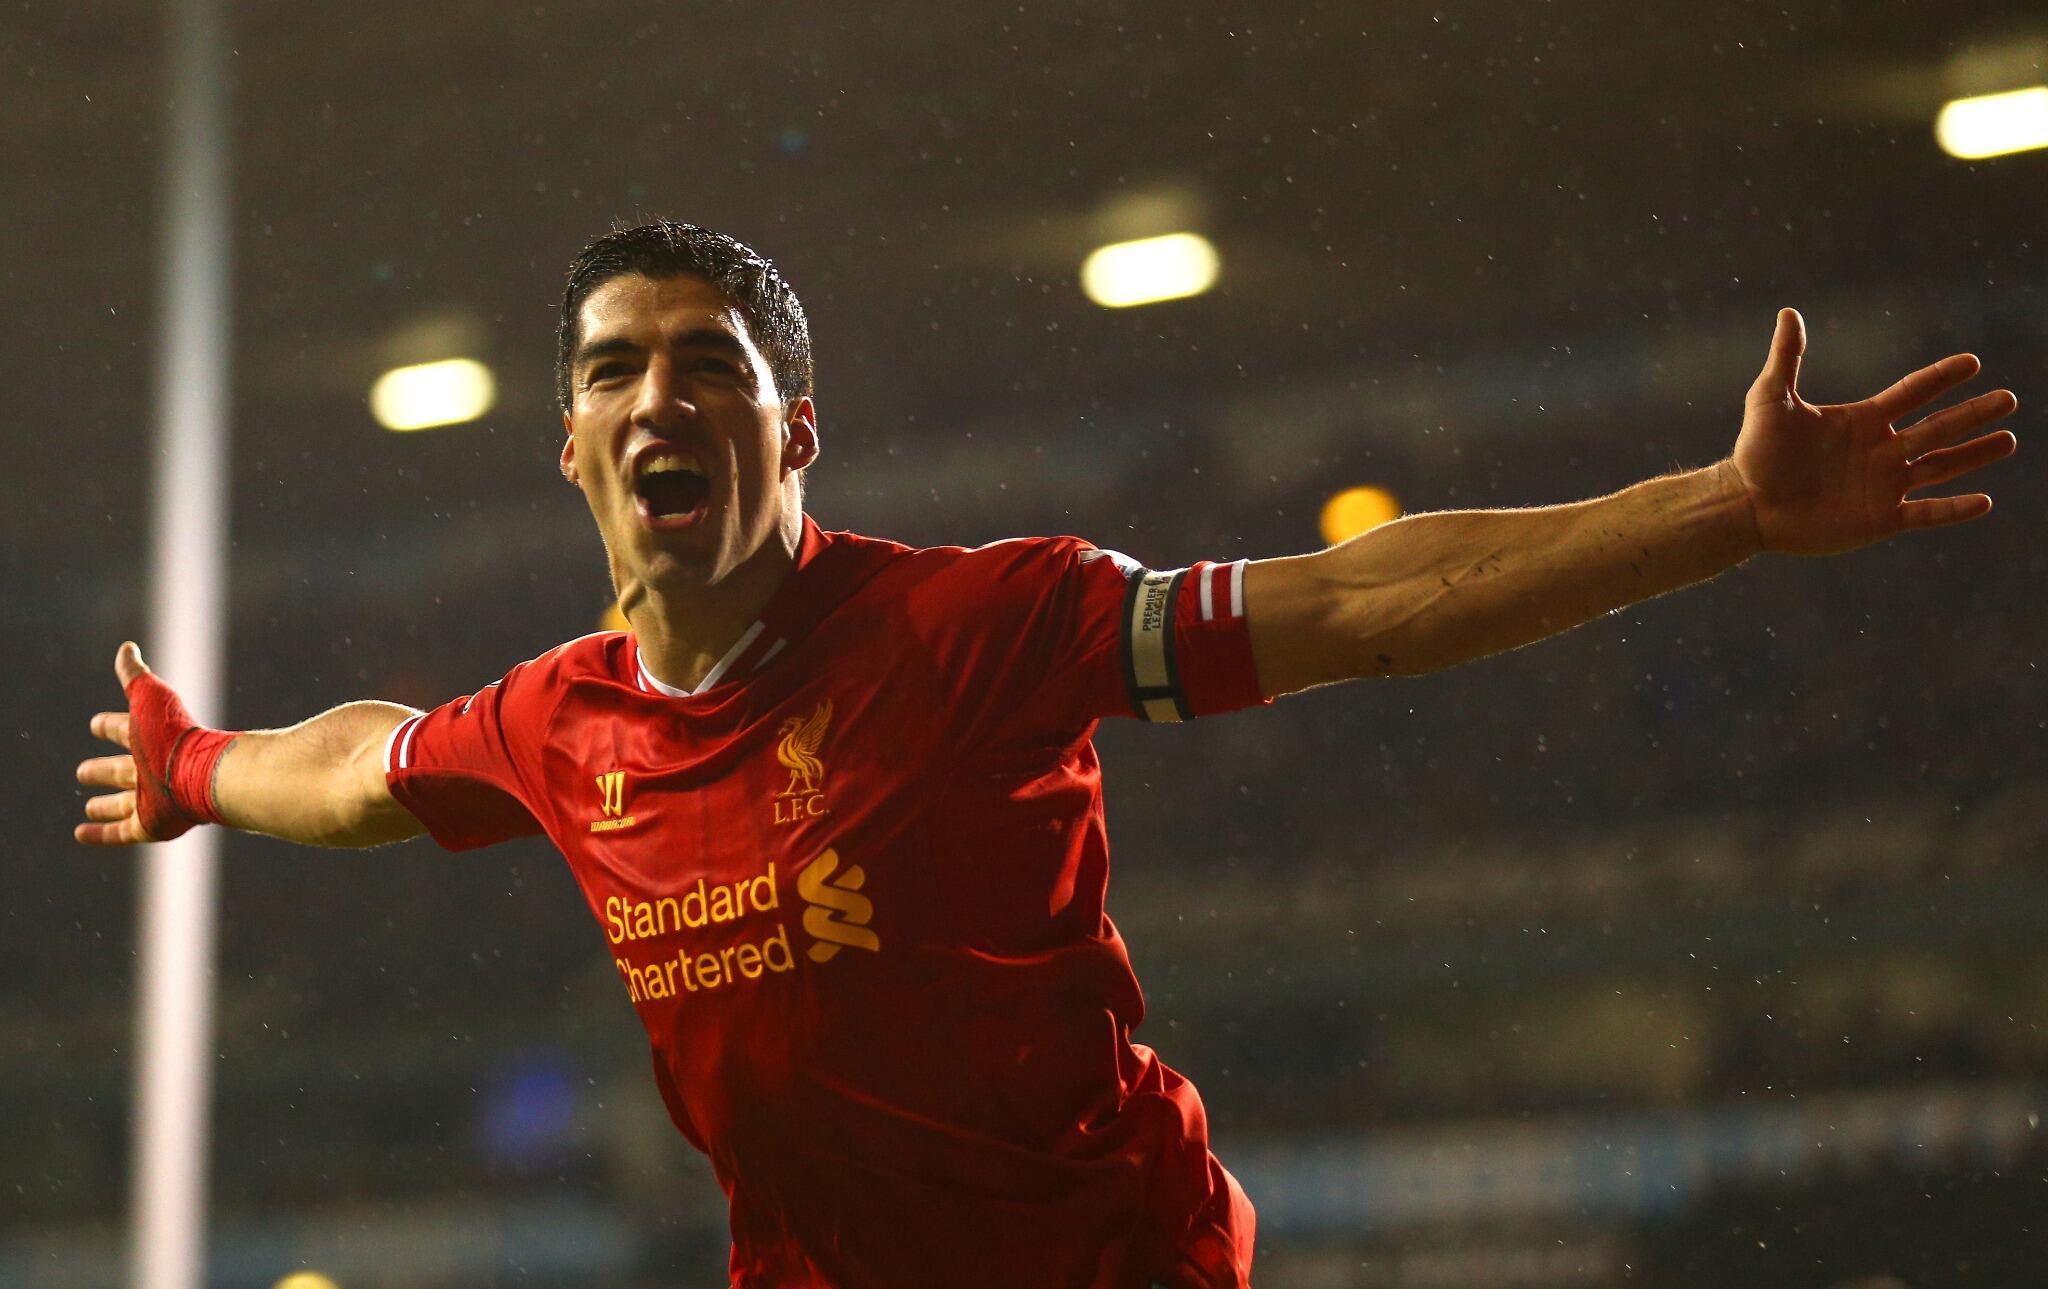 RT @LFC: Retweet if Luis Suarez was your #LFC #MOTM against Spurs? http://t.co/HZaMtpHItu